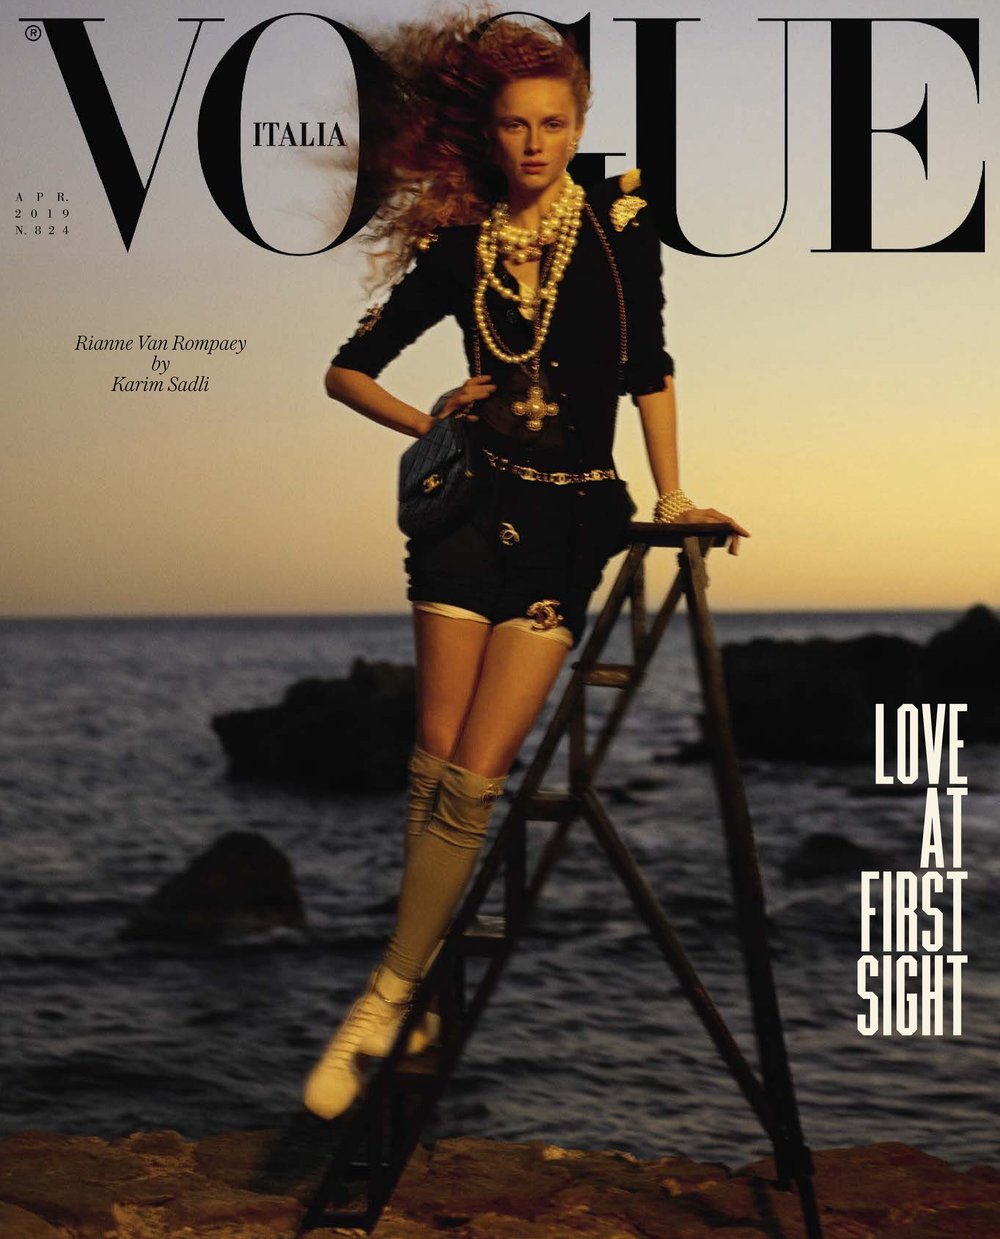 Rianne-Van-Rompaey-Vogue-Italia-April-2019- (3).jpg